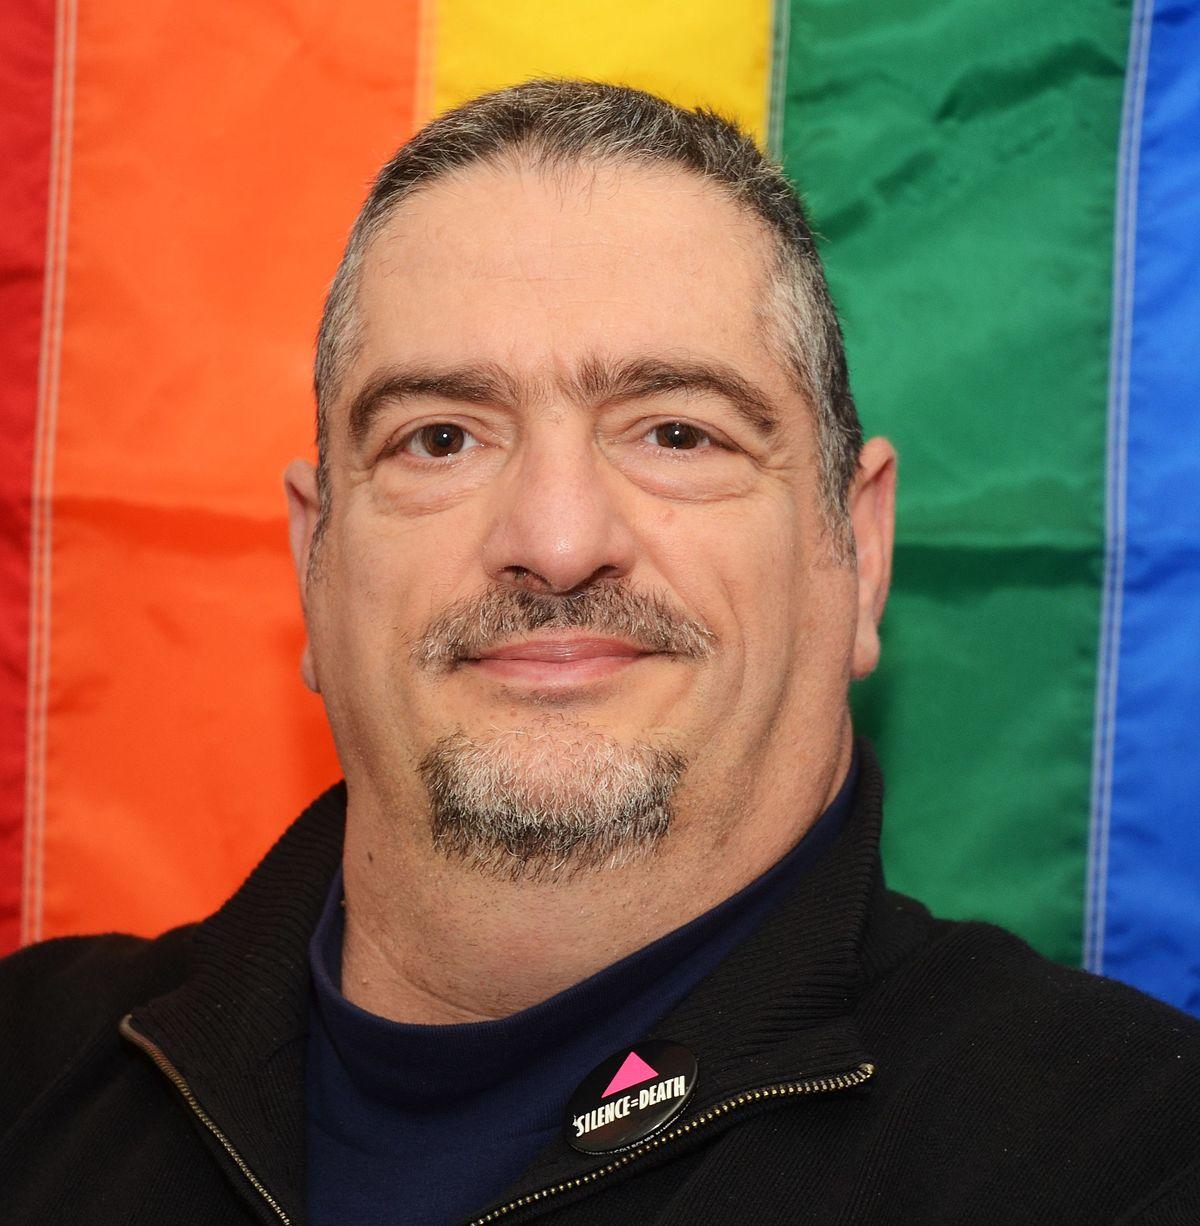 Michael Petrelis - Wikipedia